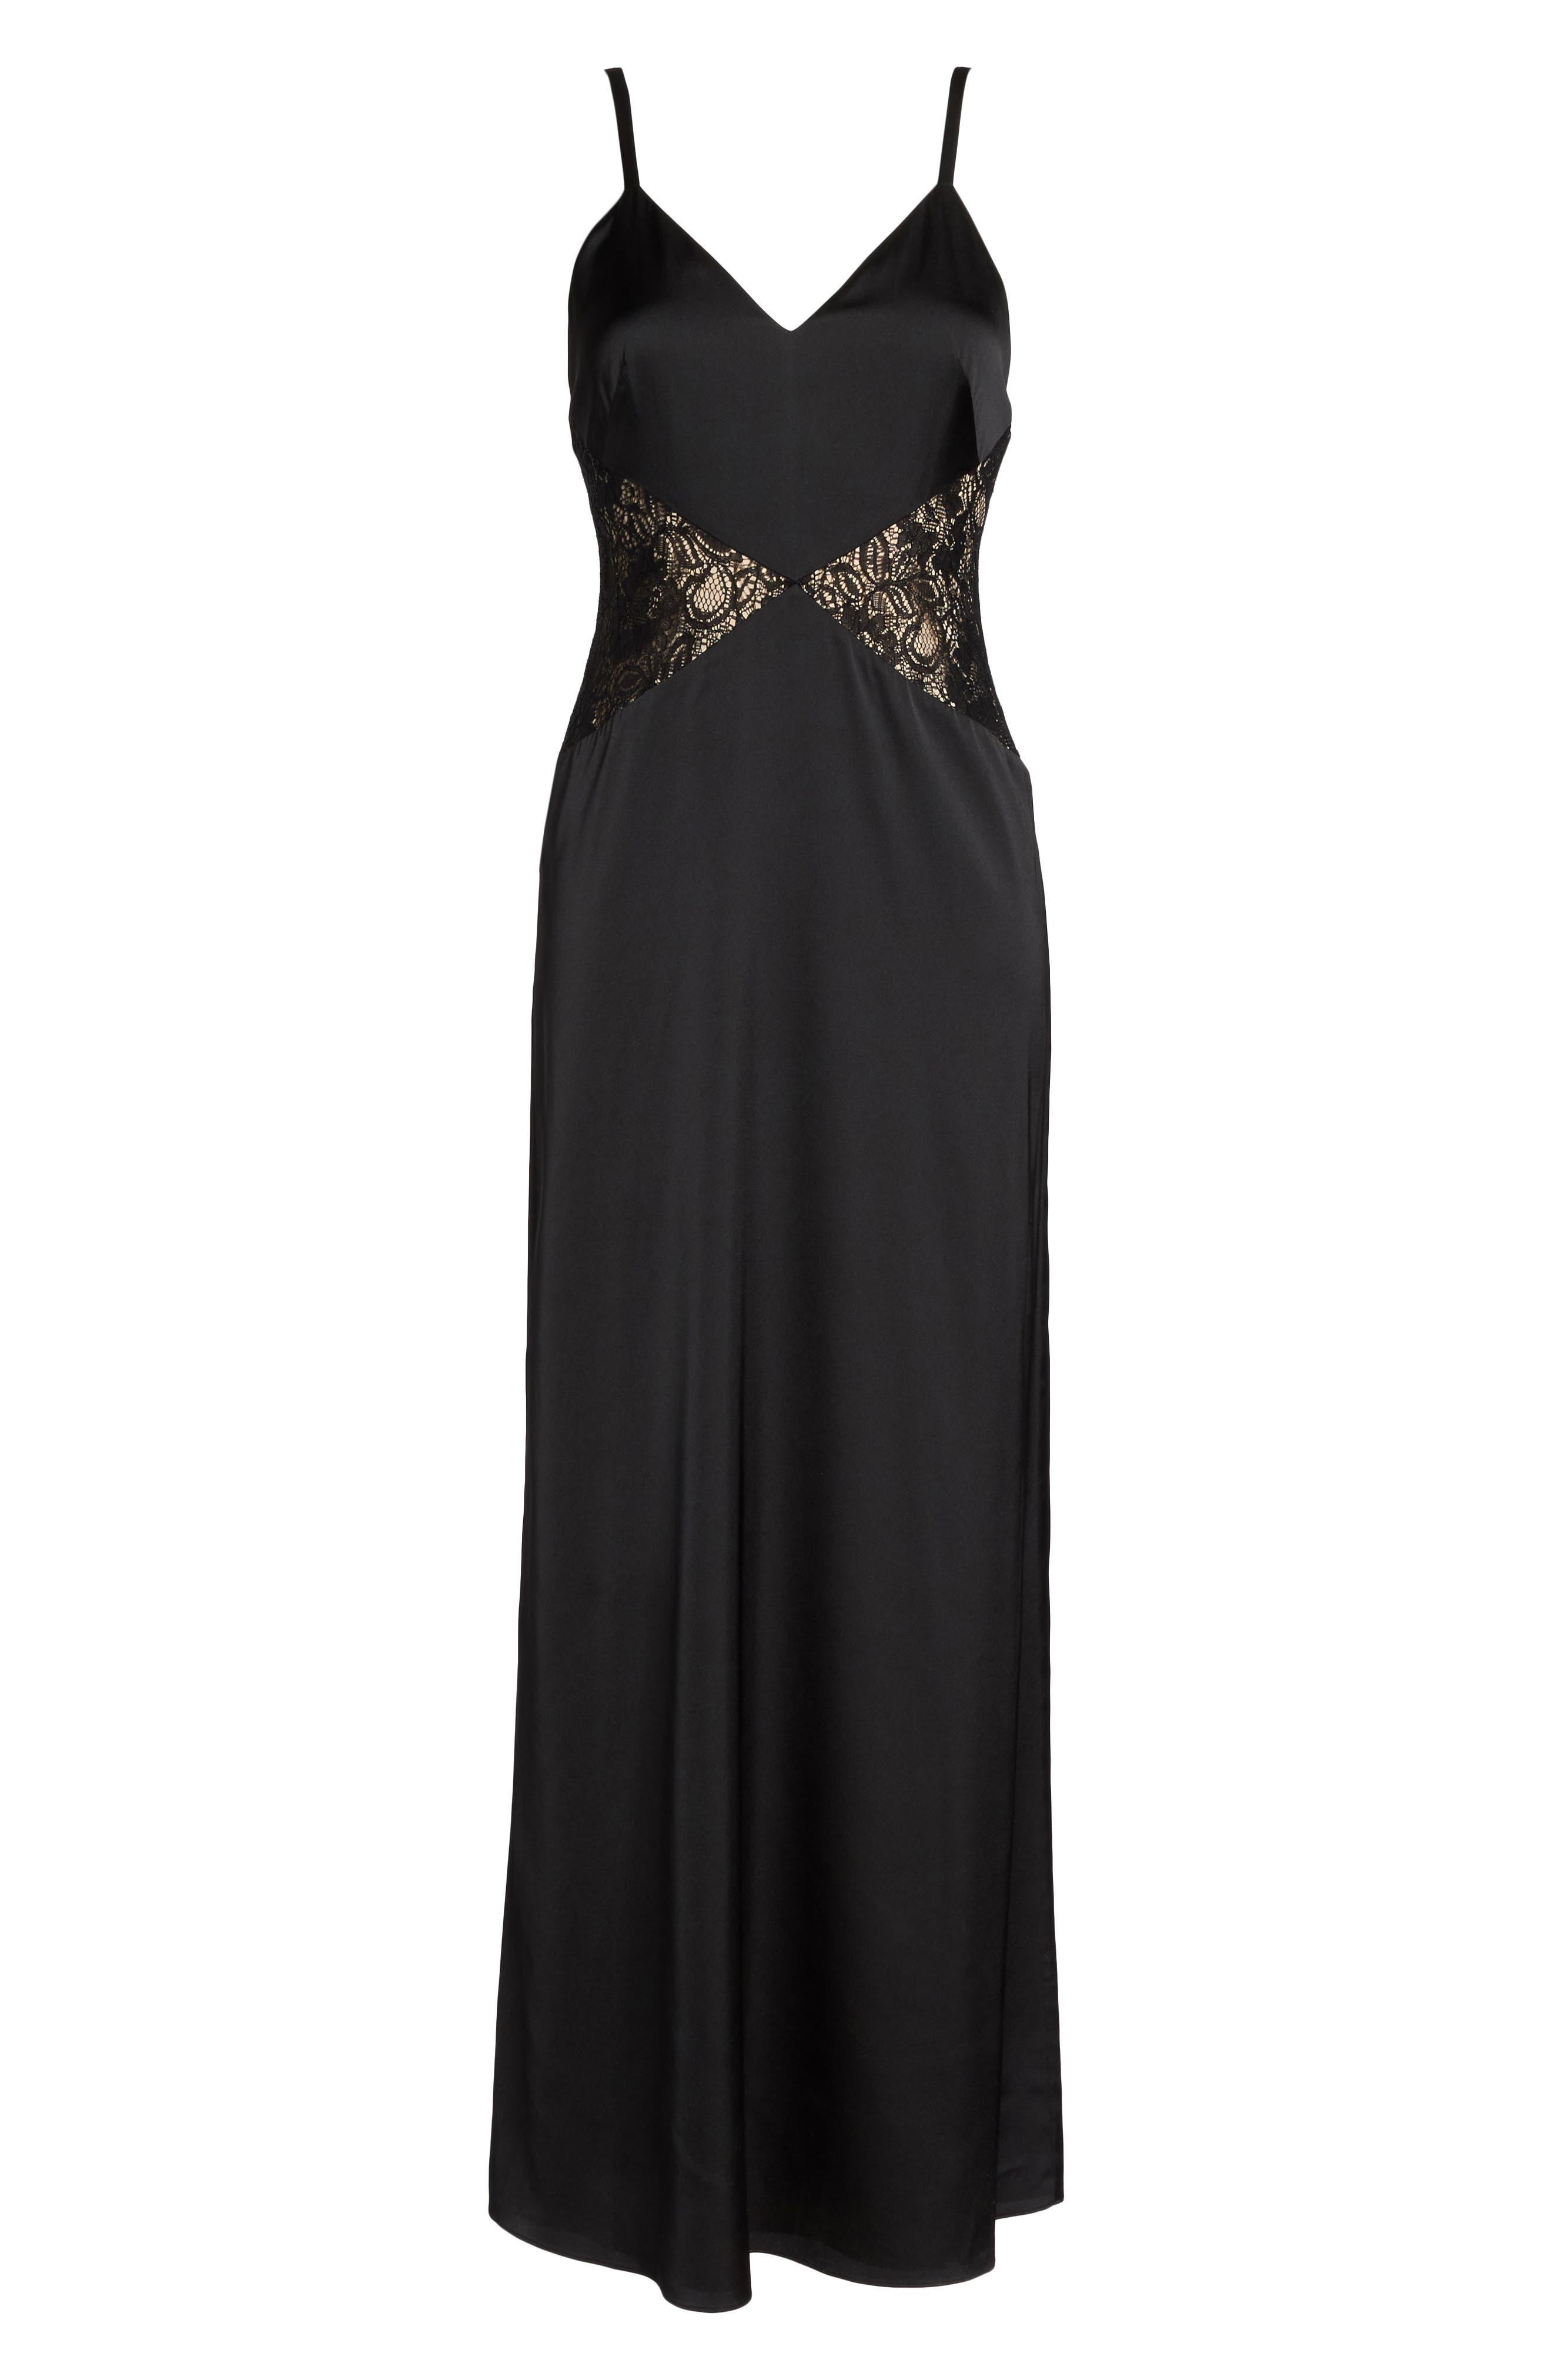 Femme Fatale Slip Dress,                             Alternate thumbnail 7, color,                             Black